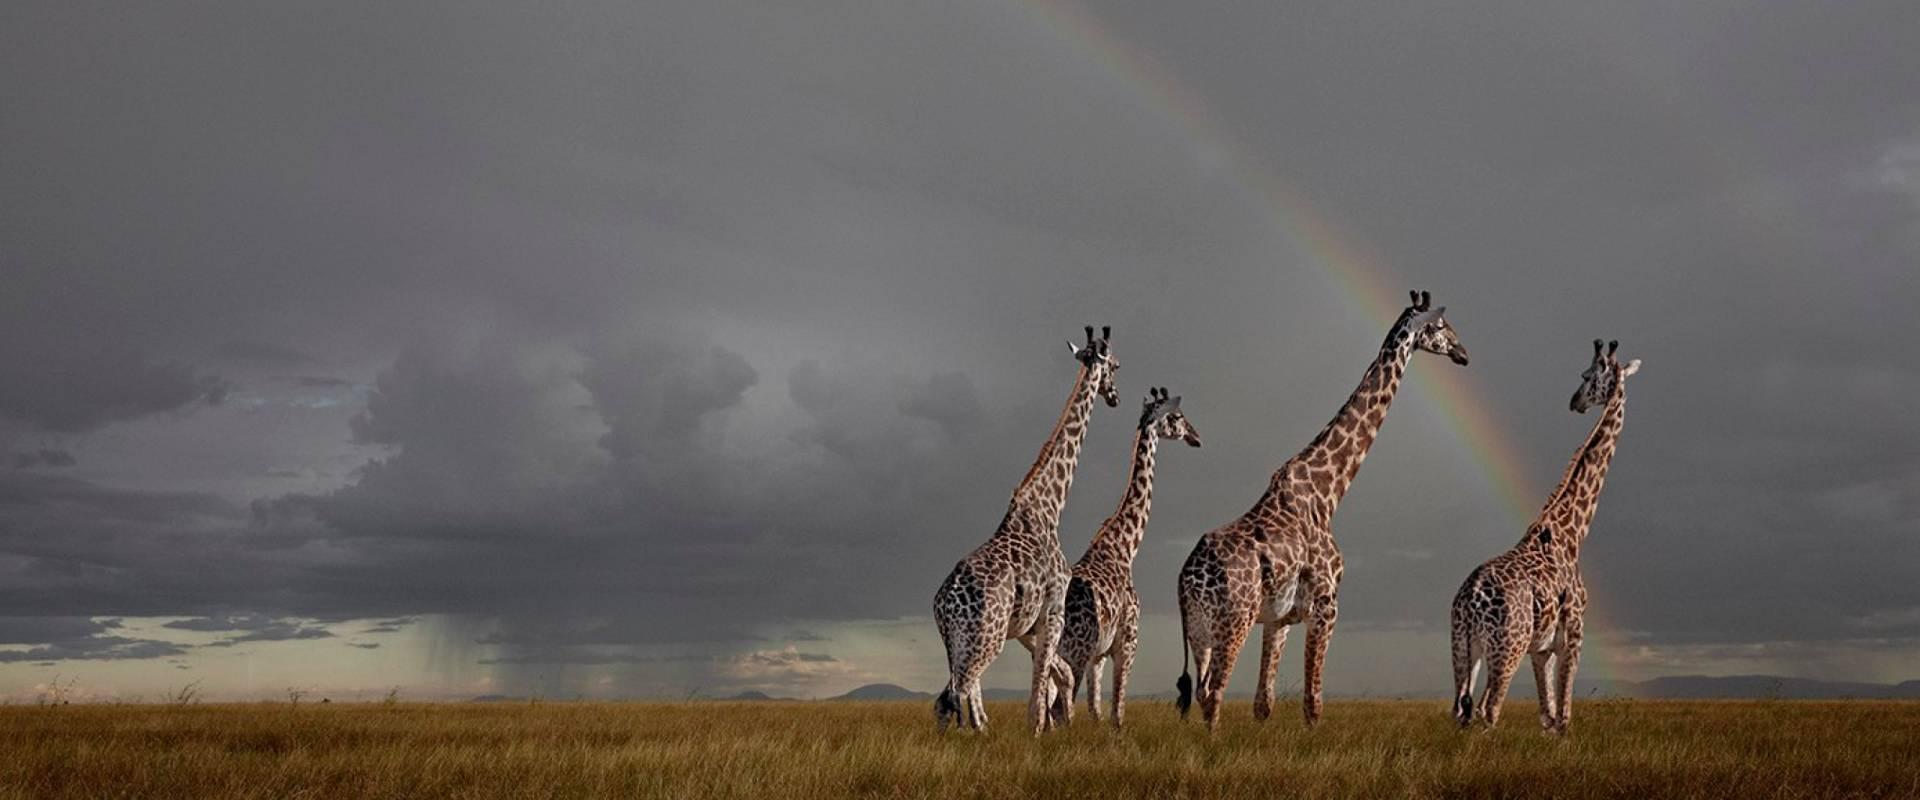 Wildlife Photography Animals